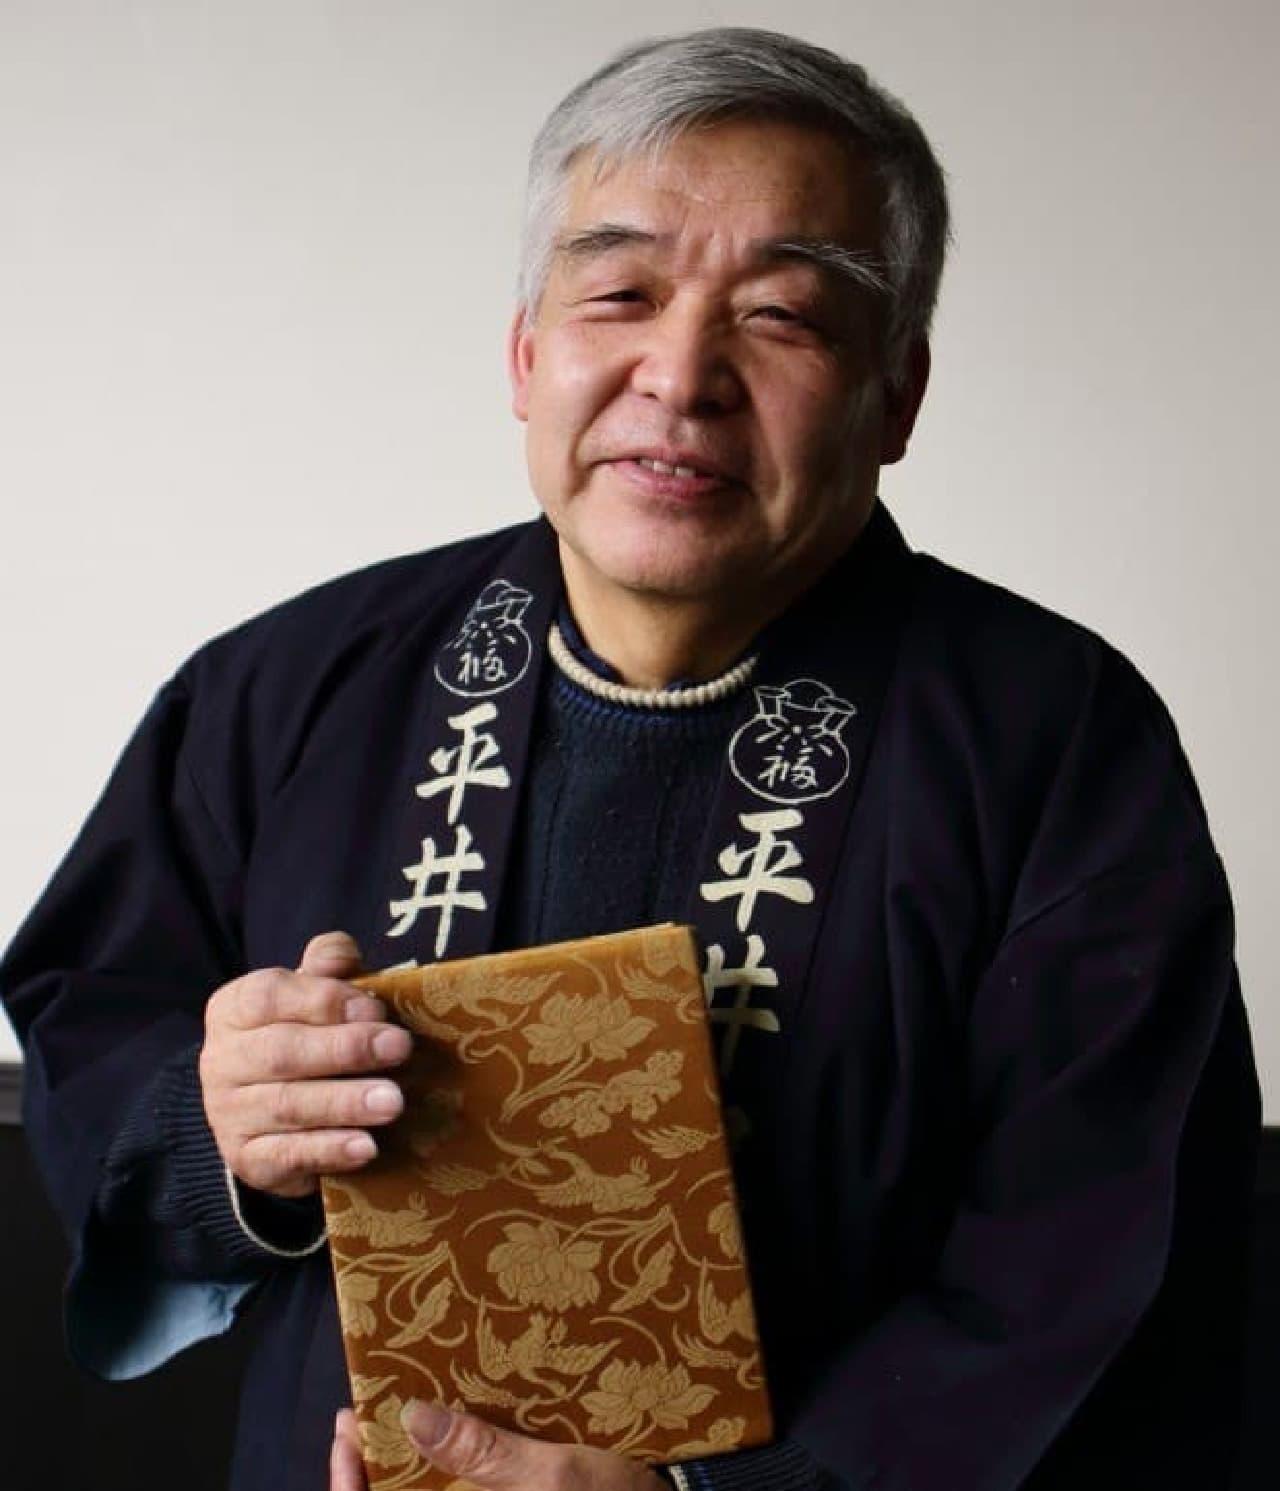 「納経帳」を製造する経師 森田 曉氏